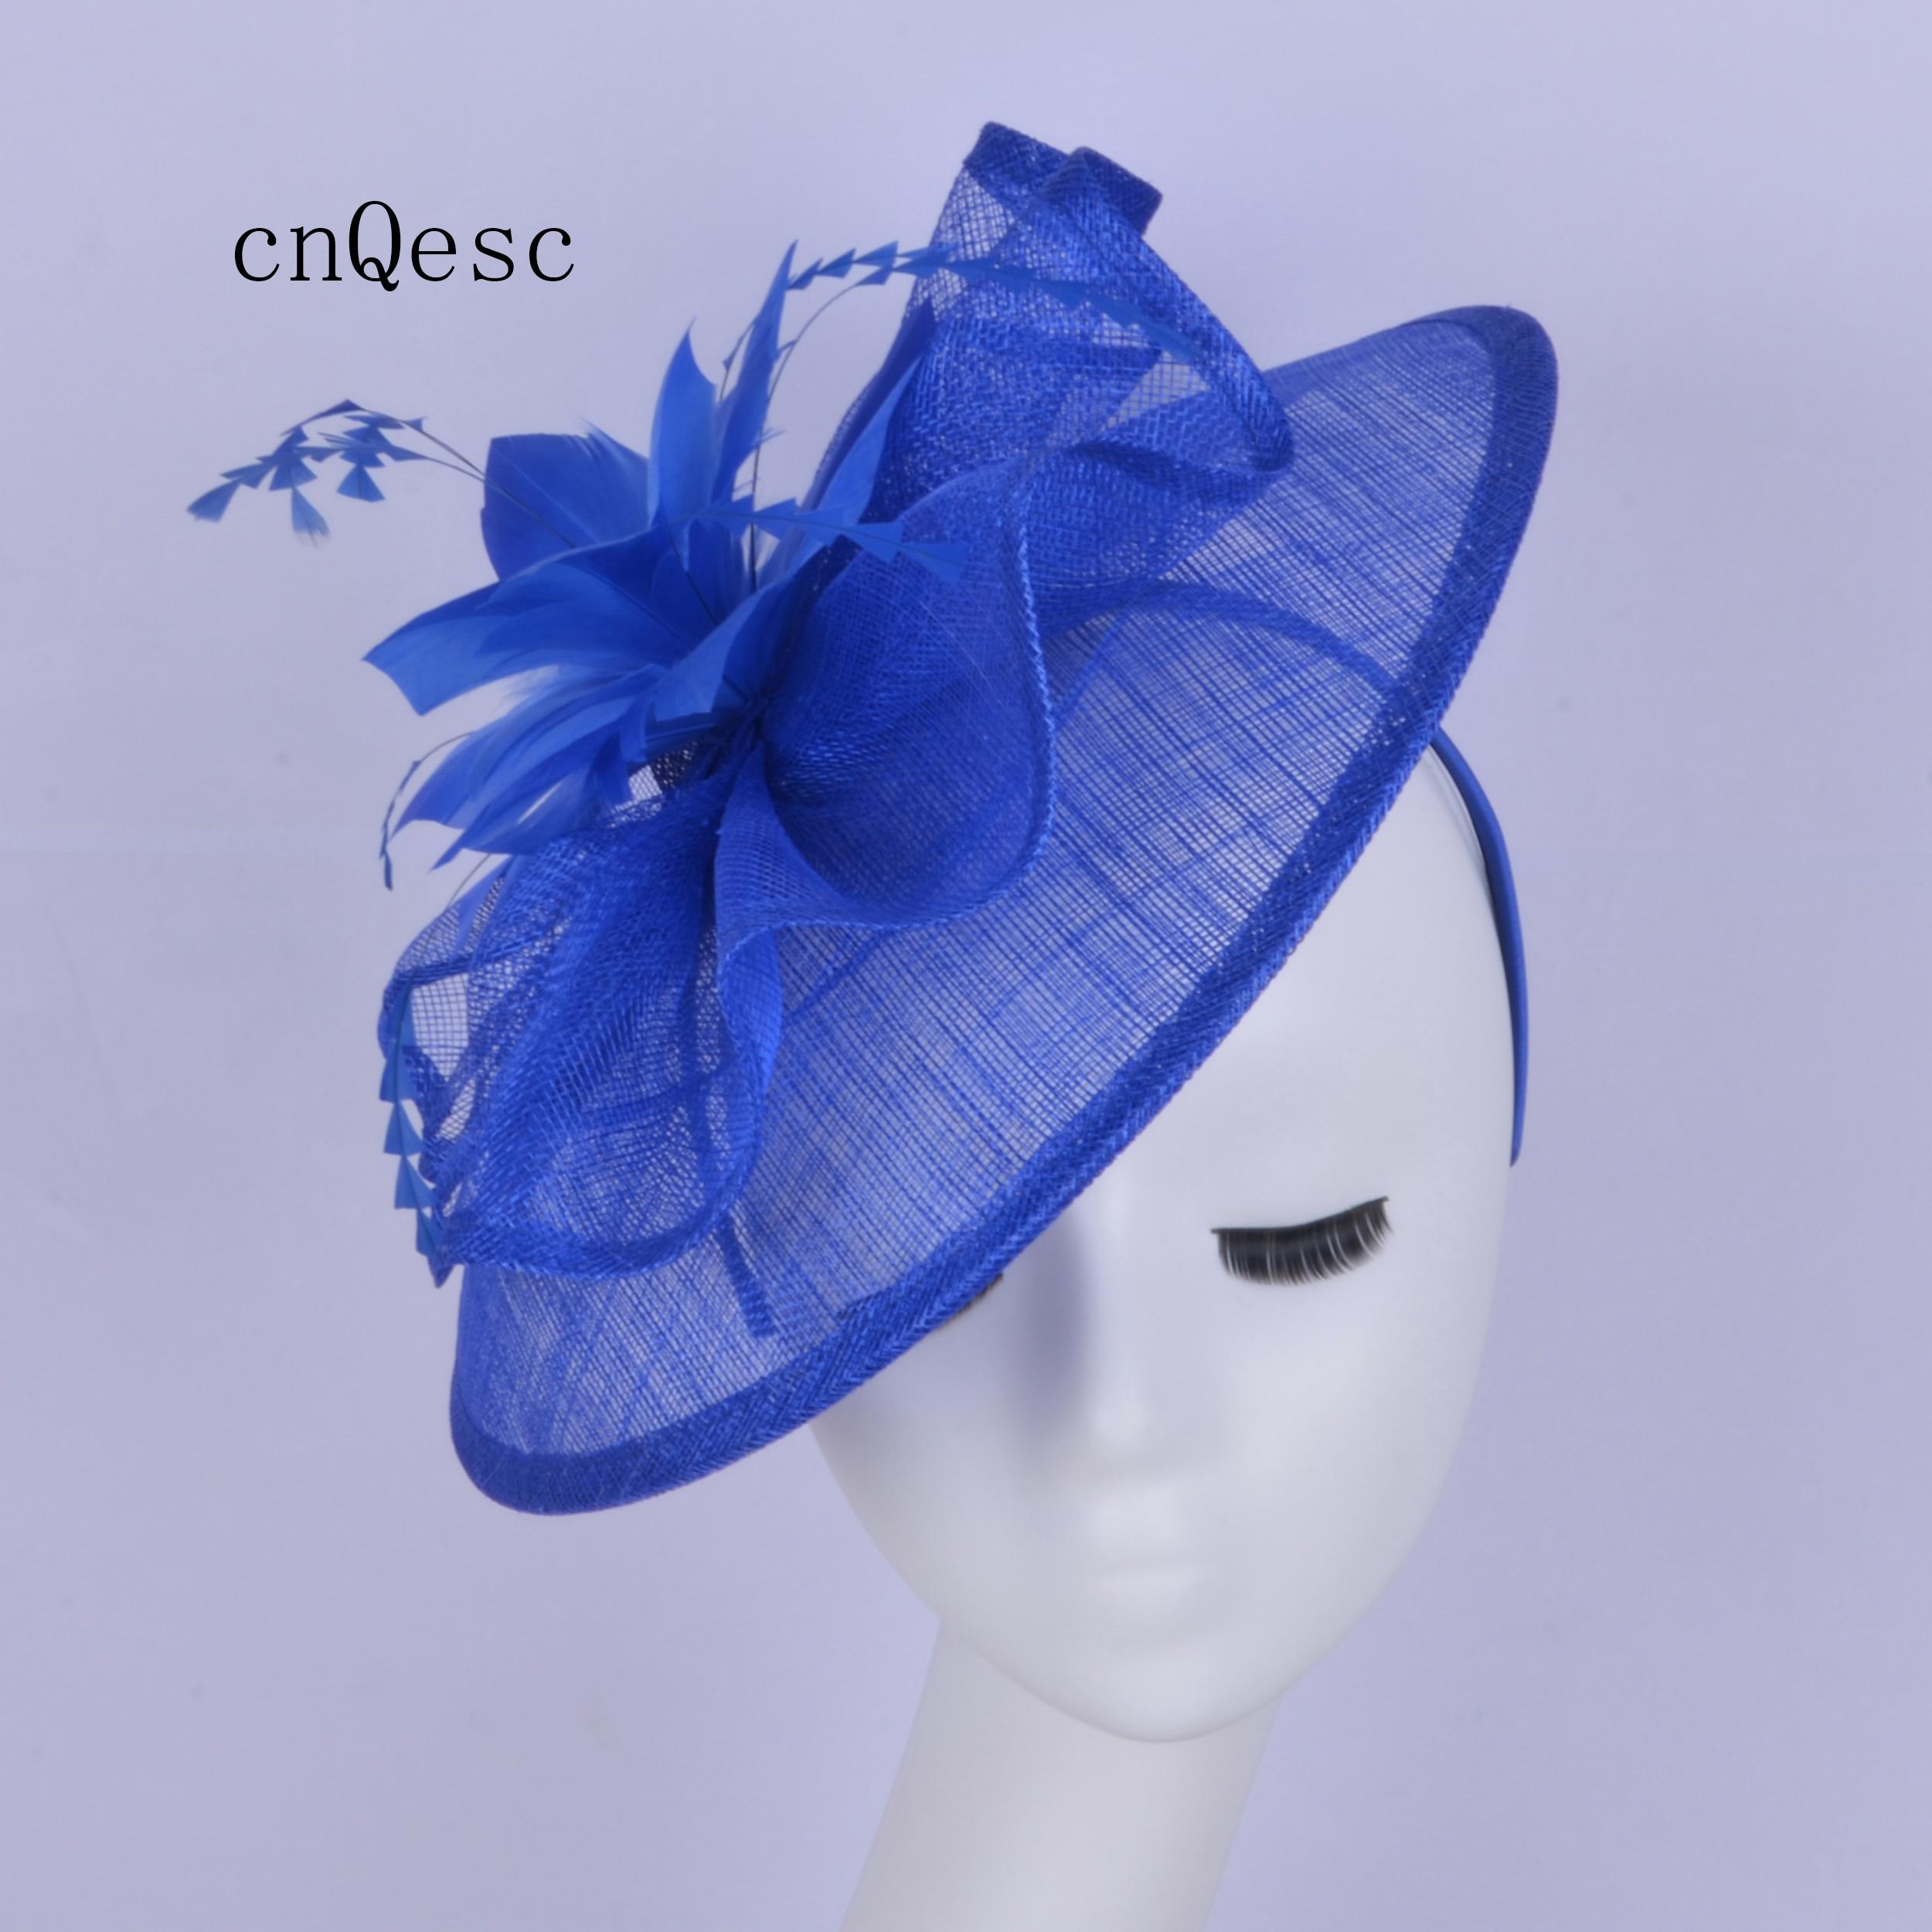 2019 grand bleu Royal dames robe formelle chapeau sinamay fascinator Kentucky Derby mariage mariée douche mère de la mariée w/feaher